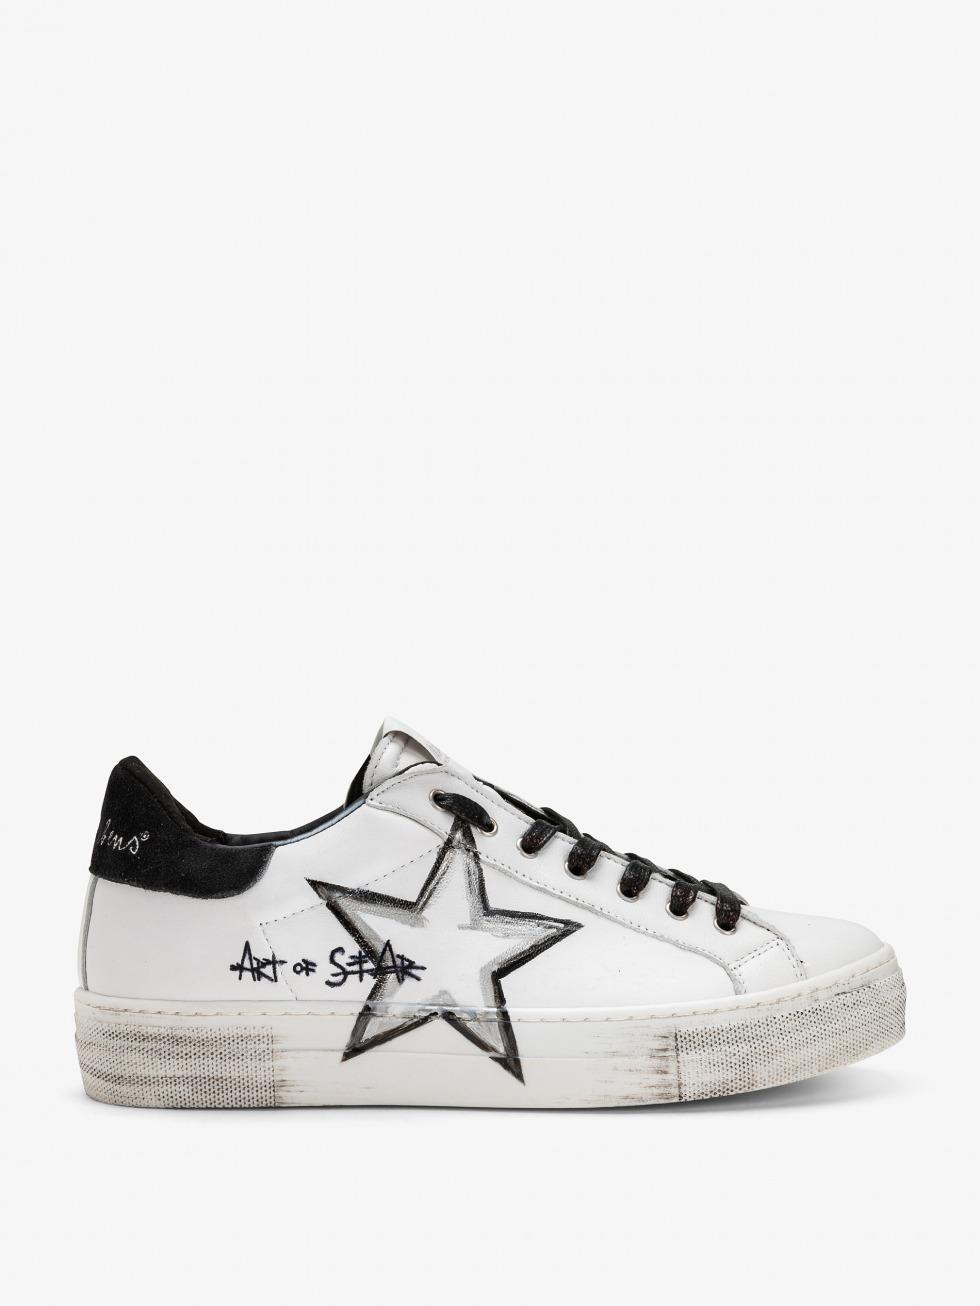 Sneakers Martini - Black Art of Star